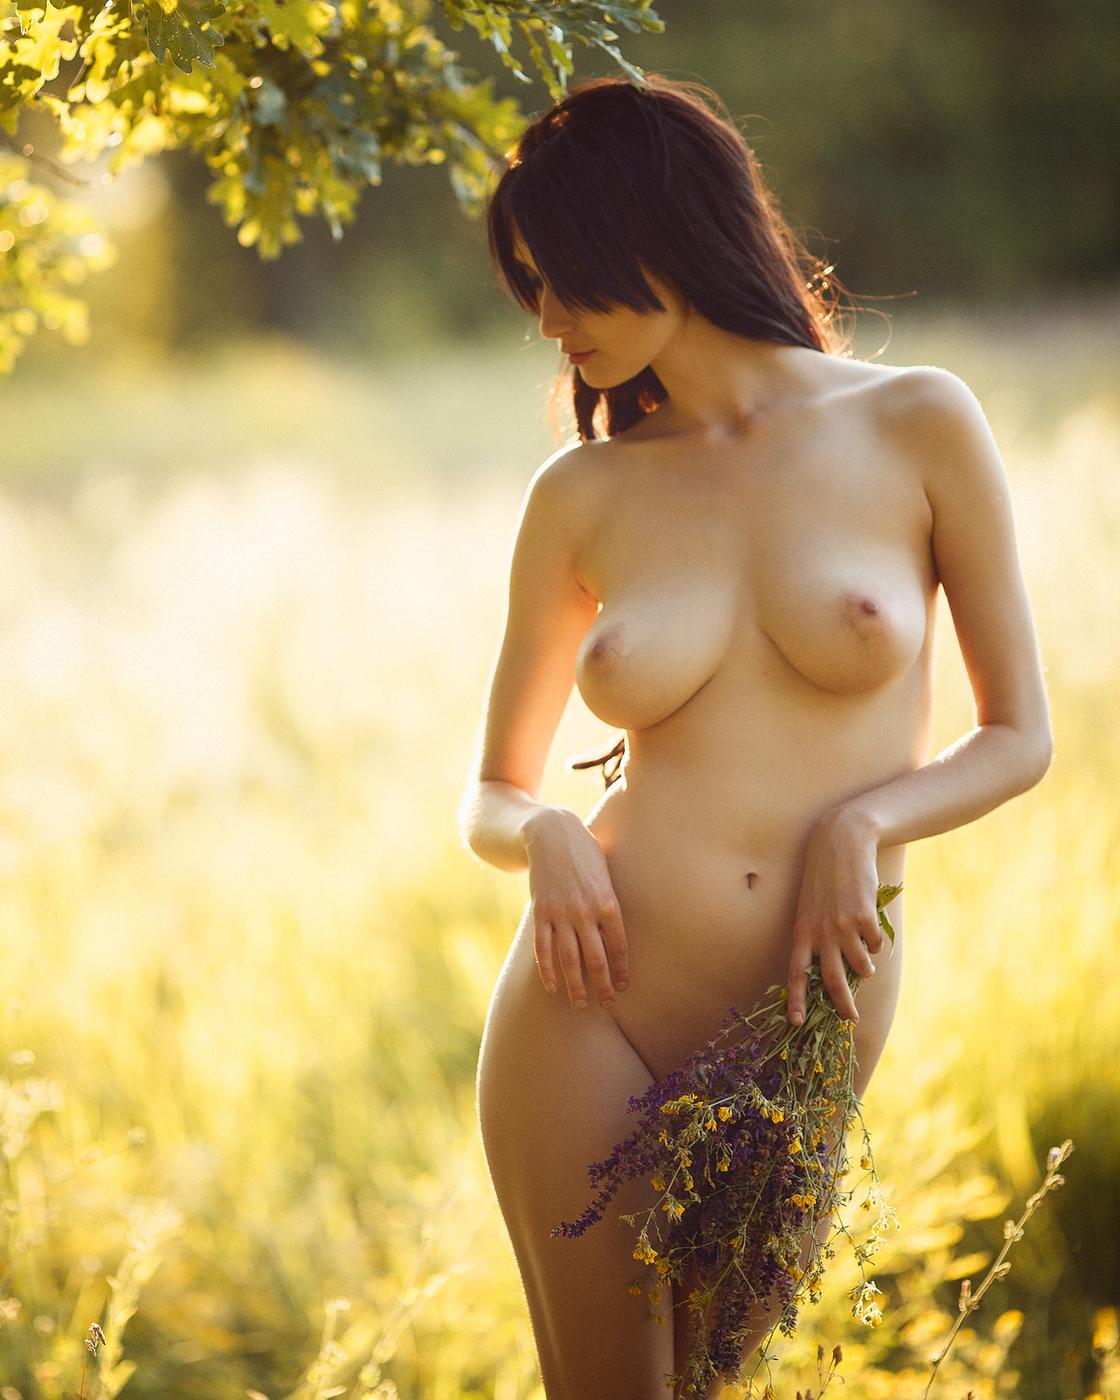 Hot romanian porn pics